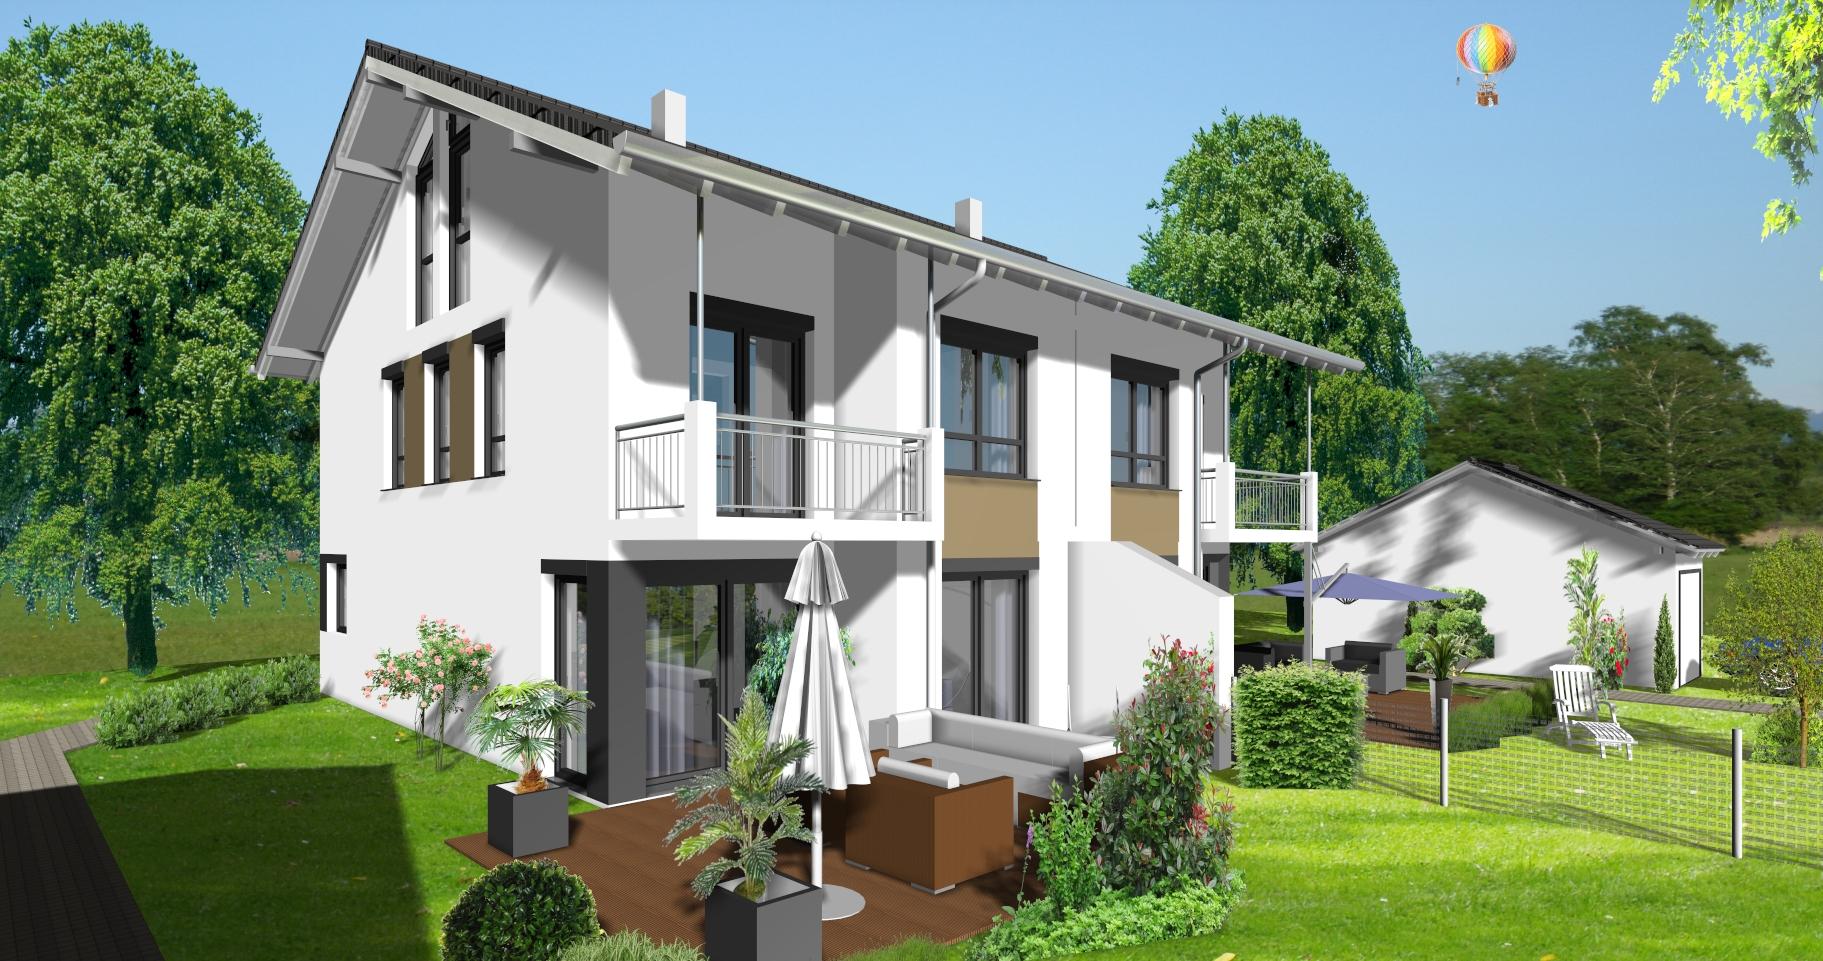 Haus garten bau reparatur und einrichtung in for Architekturburo rosenheim